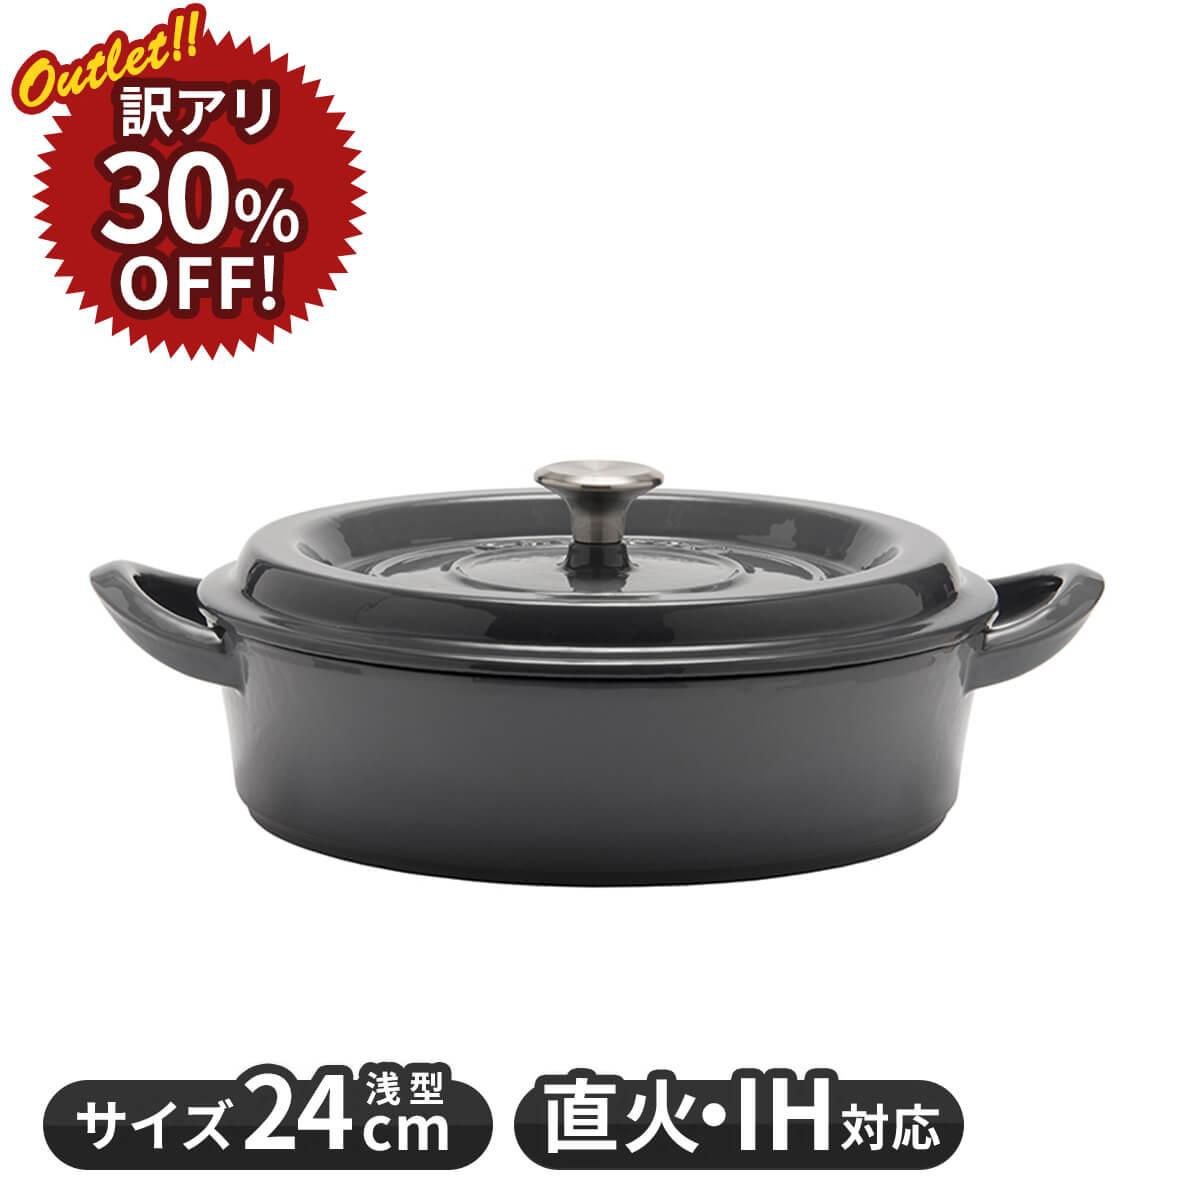 【アウトレットセール30%オフ/訳あり】グッドプラス キャストポット24�浅型グレー(鉄鋳物ホーロー鍋)